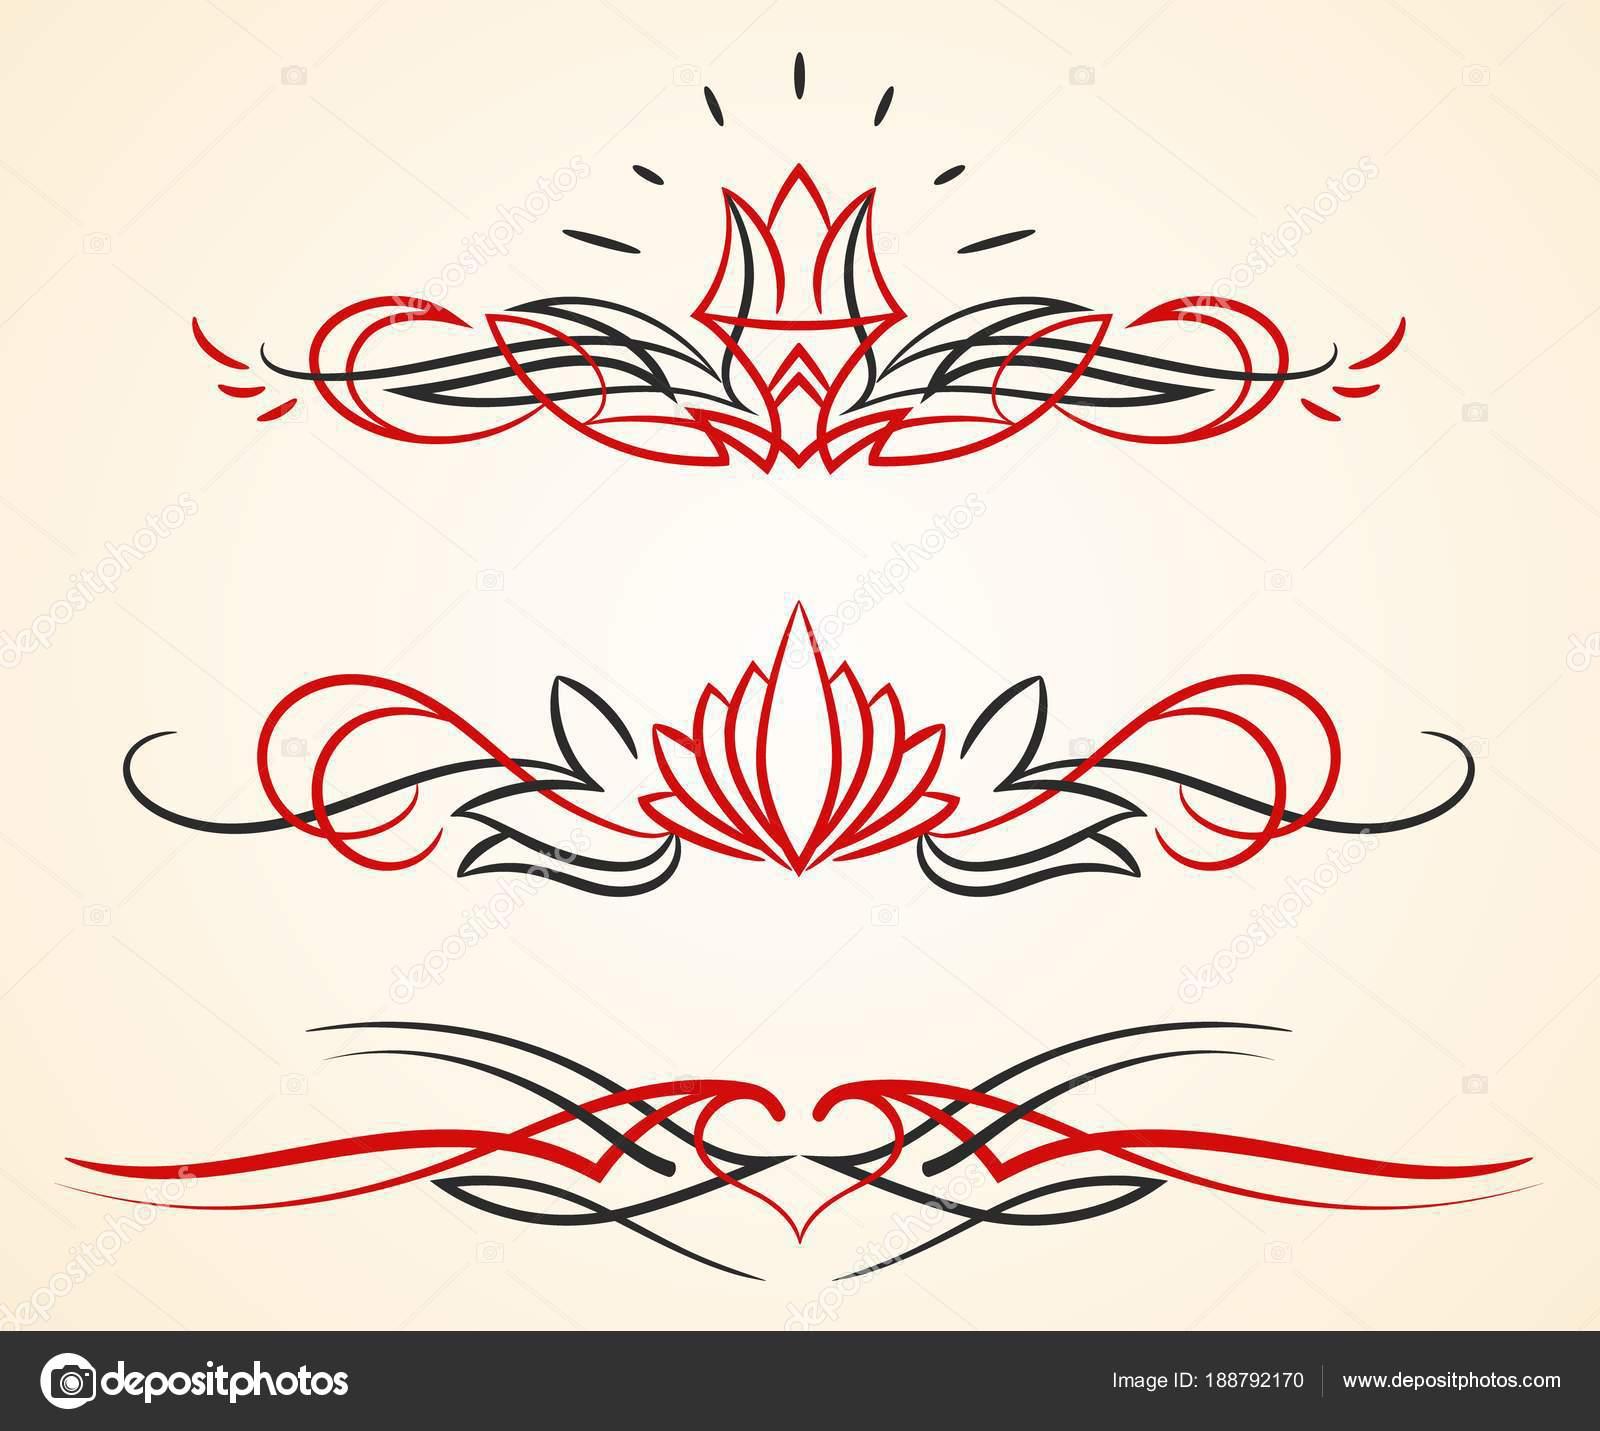 pinstriping florecer vector ornamentos conjunto — Archivo Imágenes ...